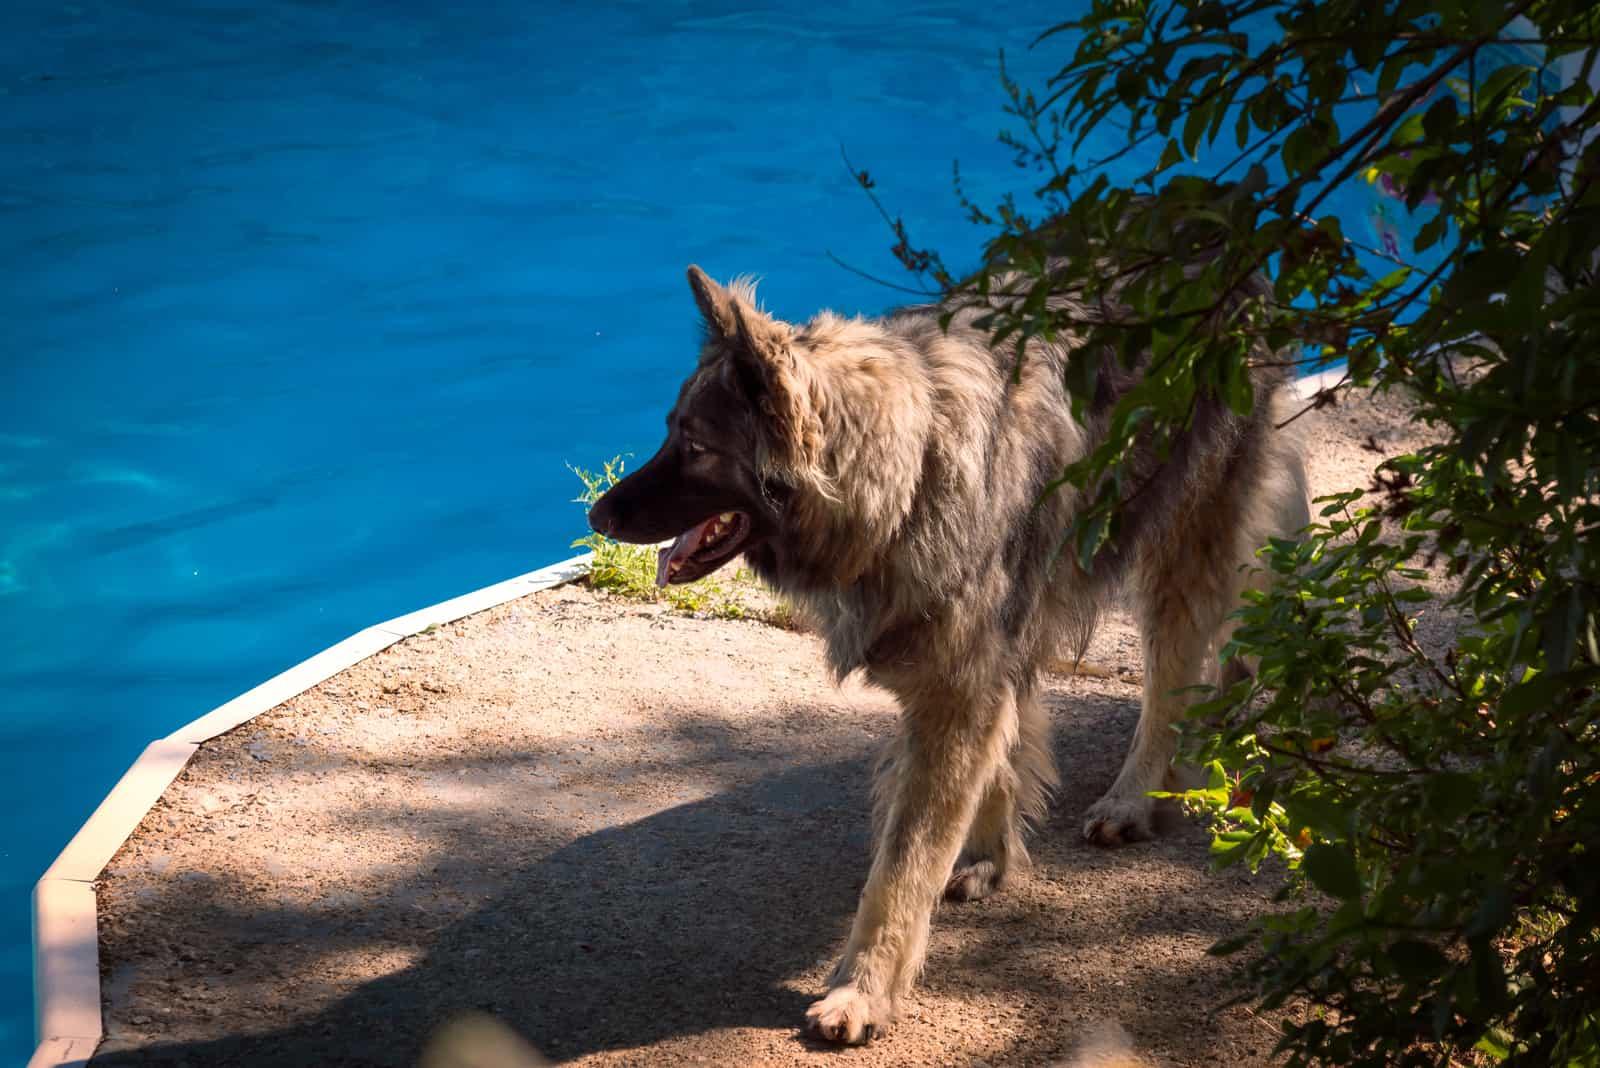 A Shiloh Shepherd patrols a swimming pool